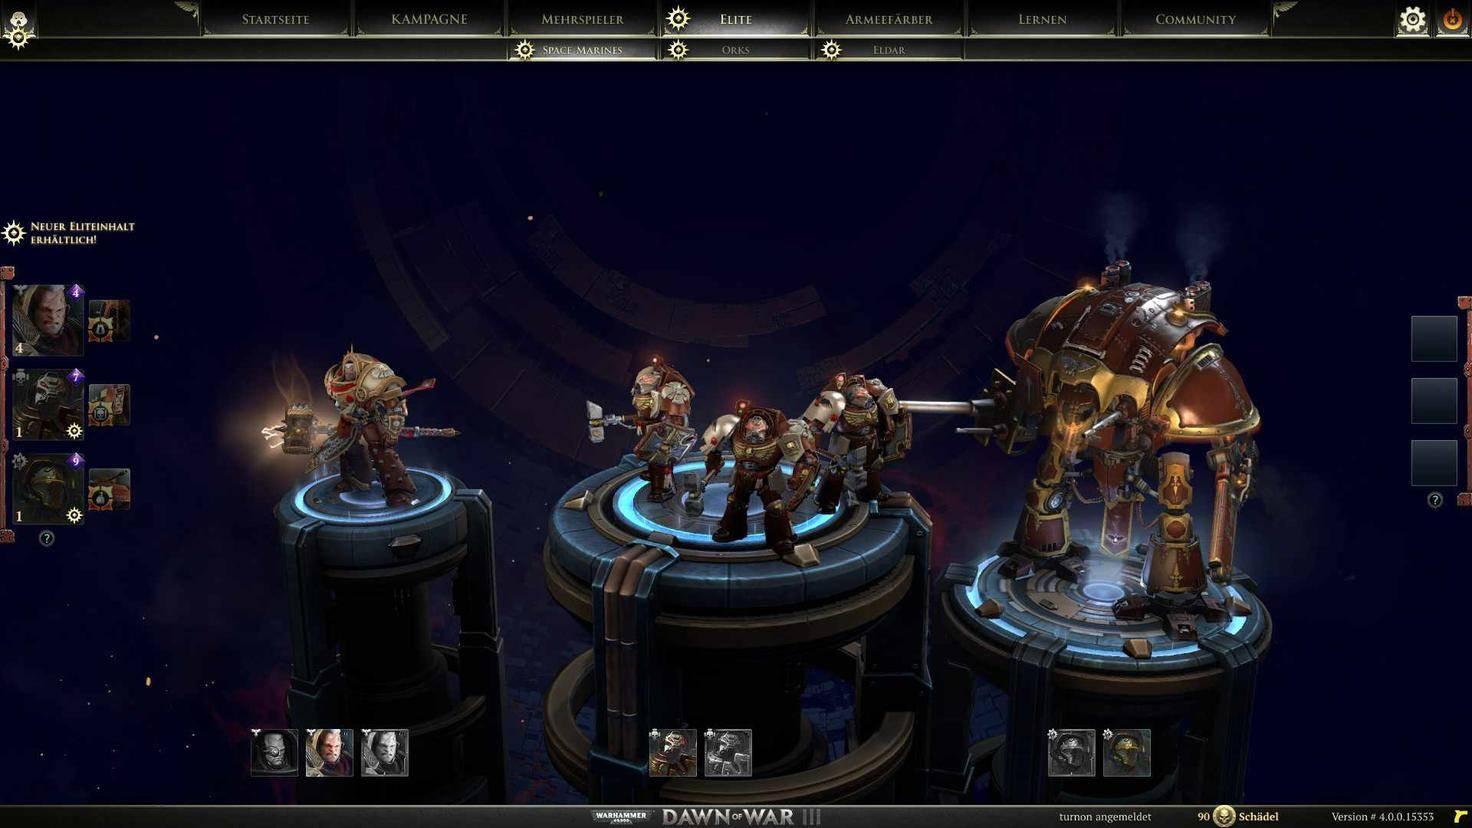 Zu Beginn einer Multiplayer-Partie kannst Du drei Elite-Einheiten auswählen, die Dir später im Spiel zur Verfügung stehen.